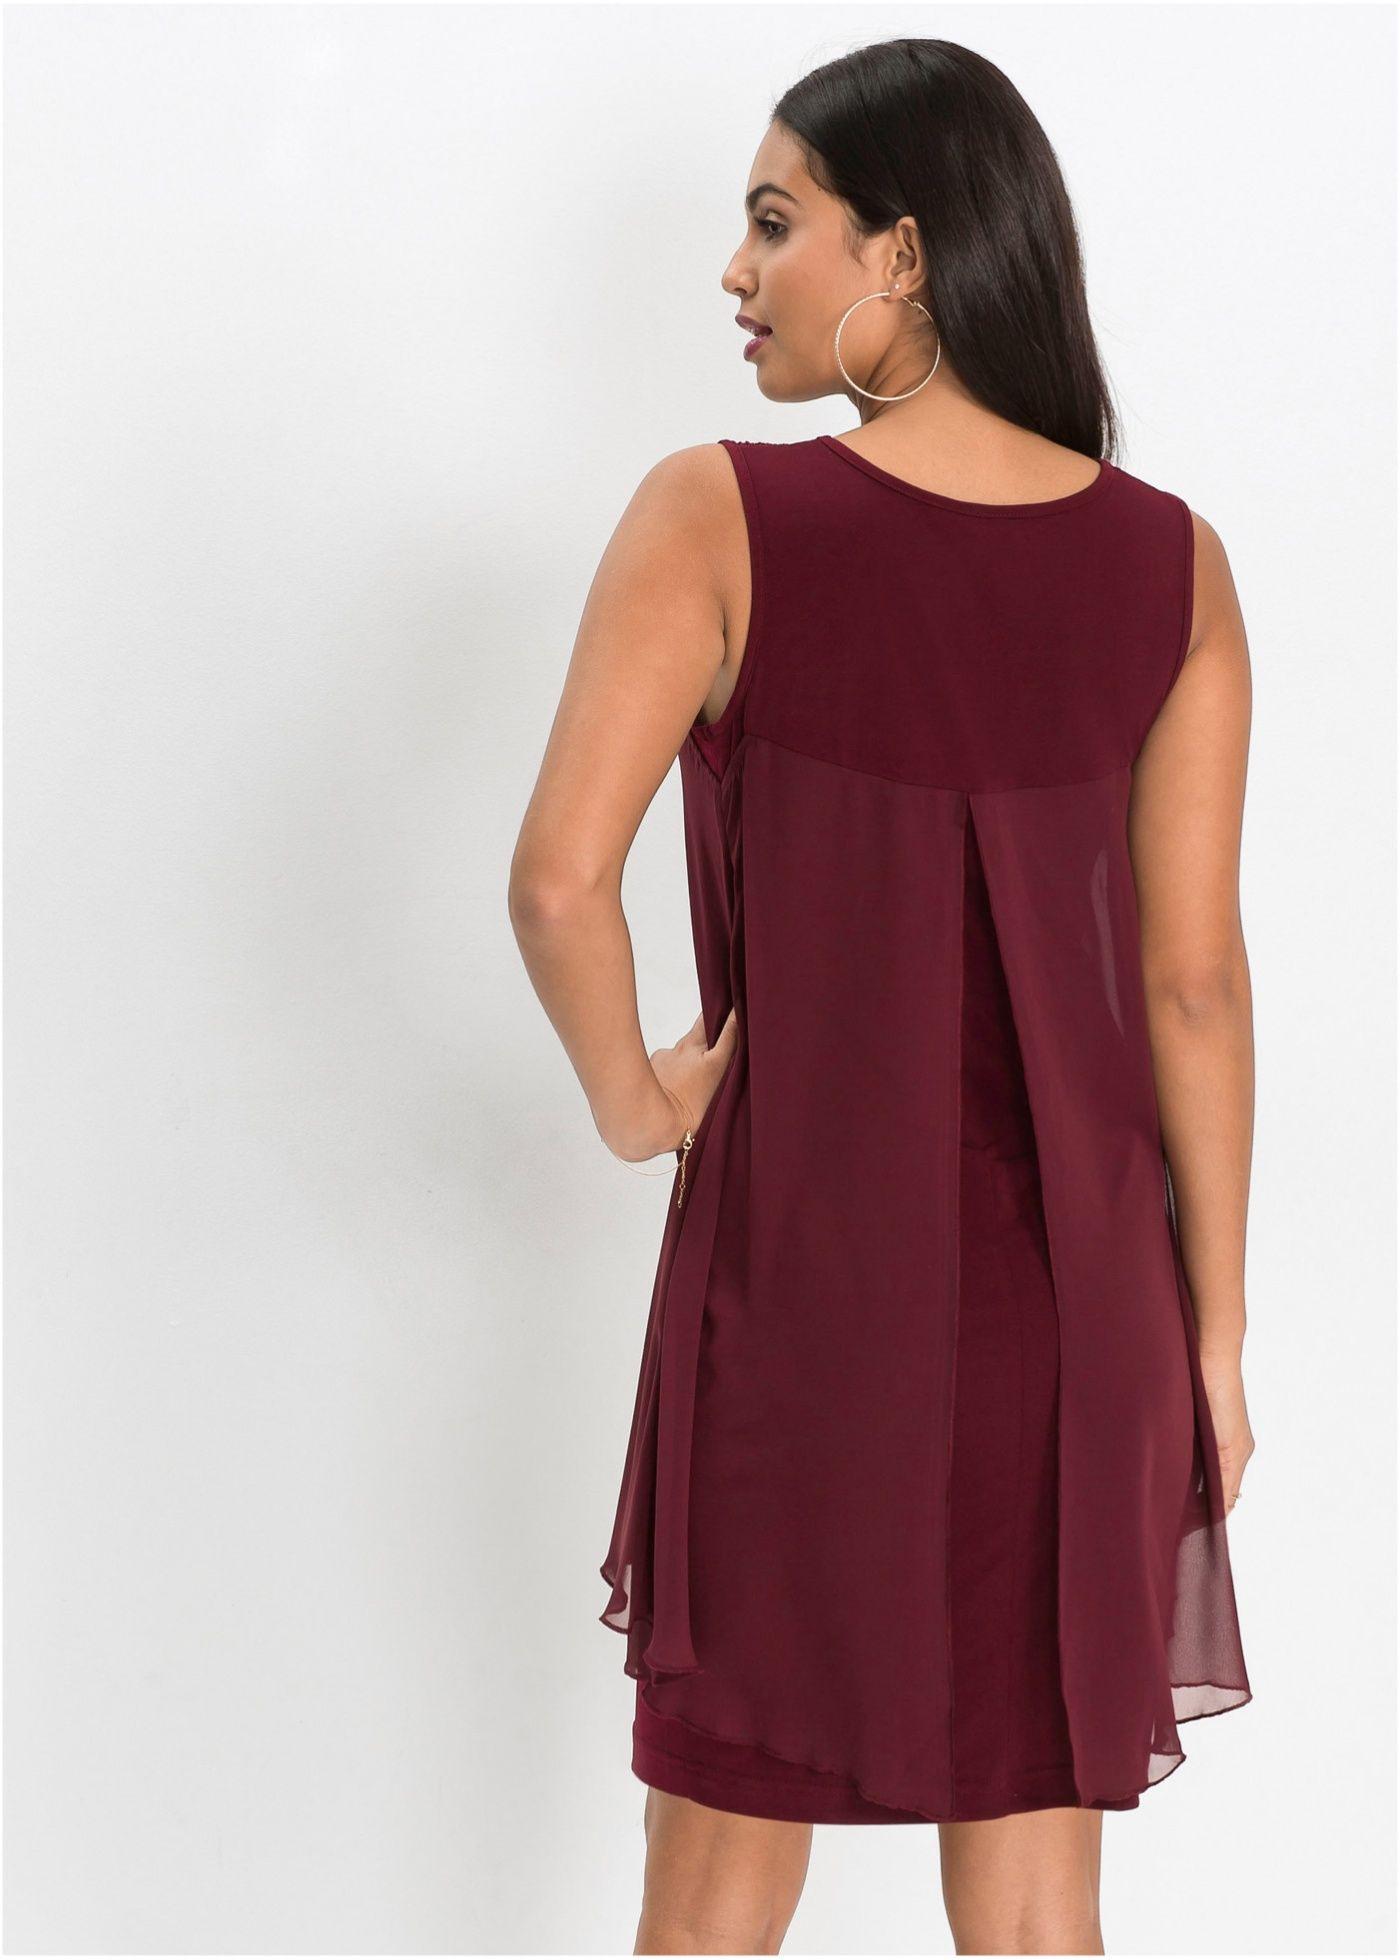 Kleid Aus Jersey Und Chiffon Dunkelrot Jetzt Im Online